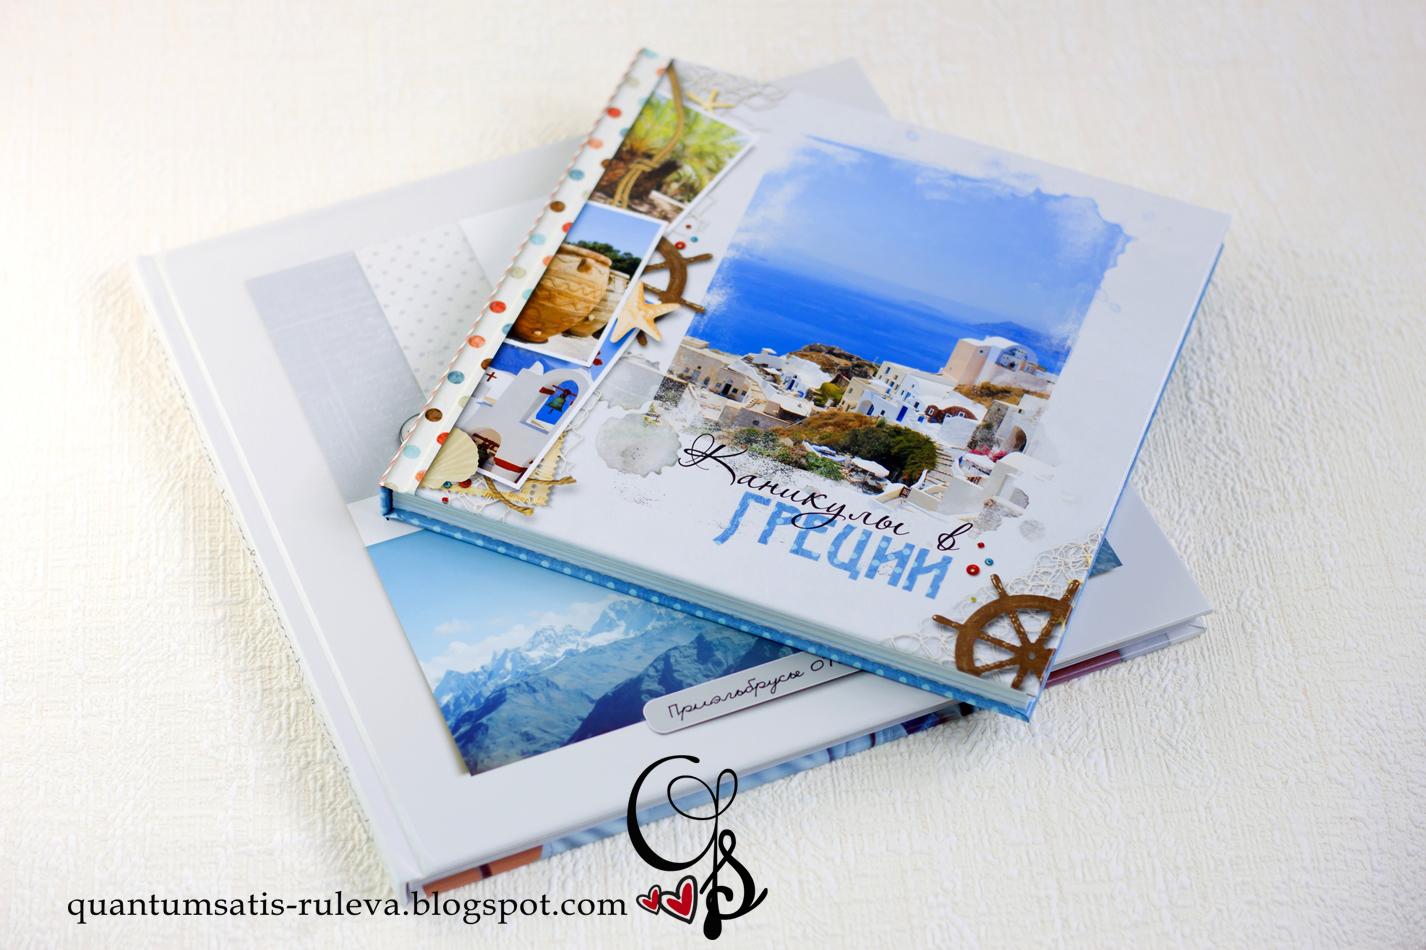 Оформление фотоальбома с путешествиями своими руками